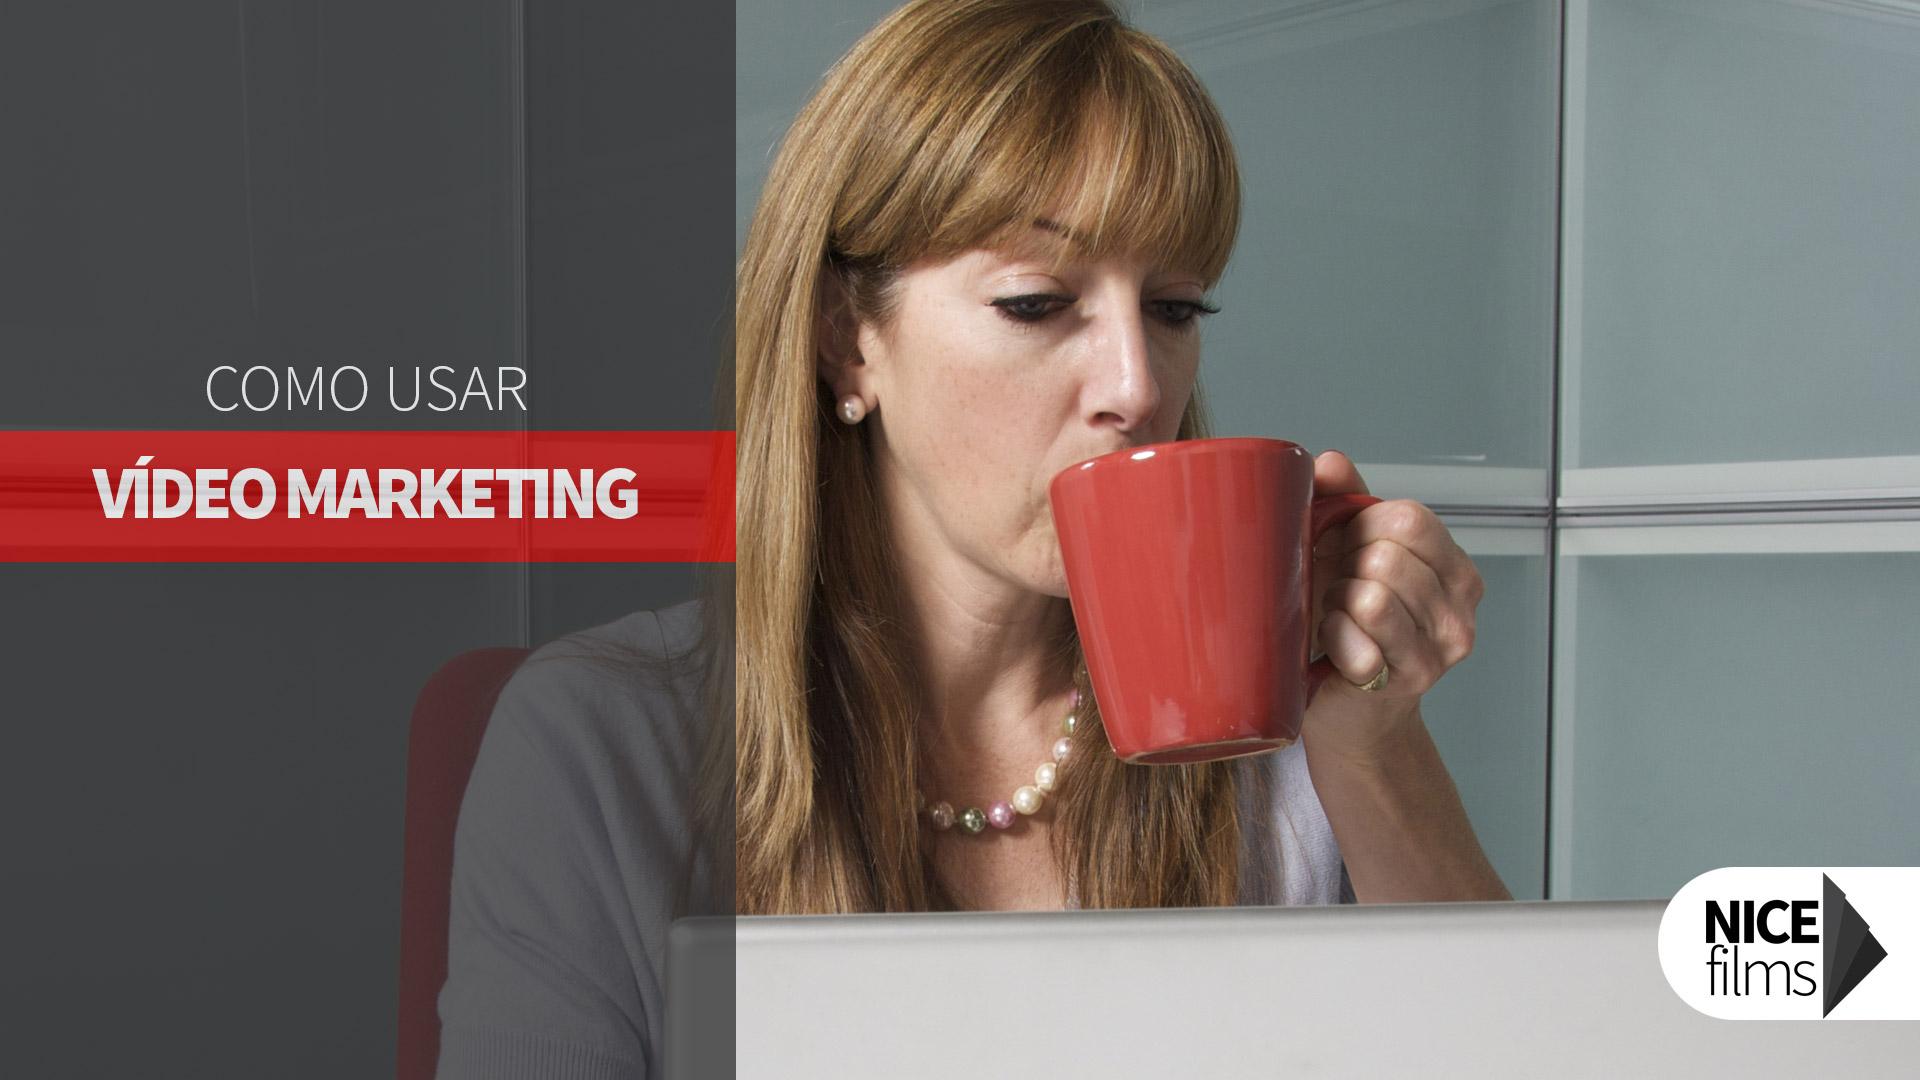 usar vídeo marketing